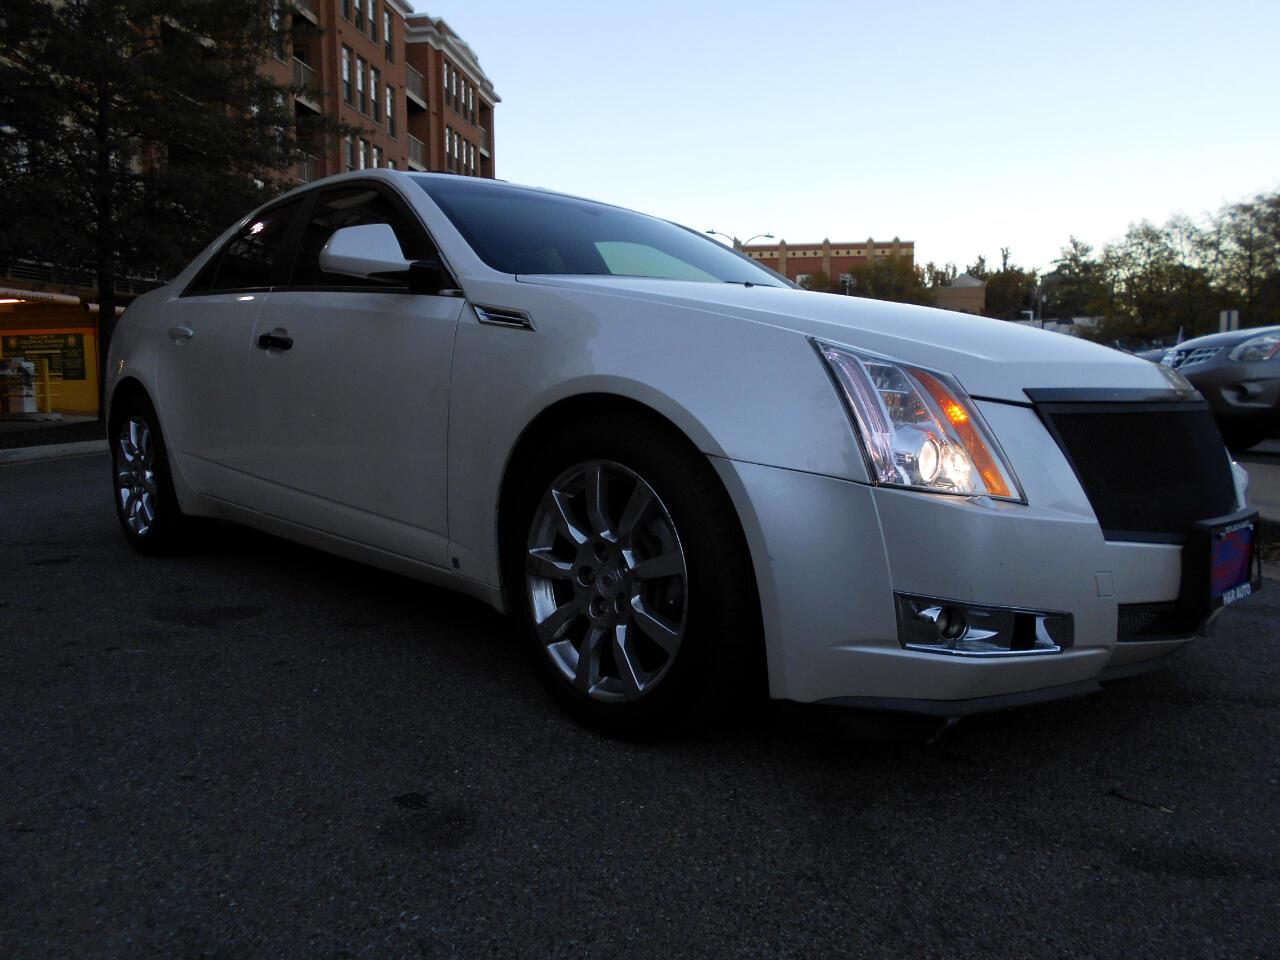 Cadillac CTS 4dr Sdn AWD w/1SB 2009